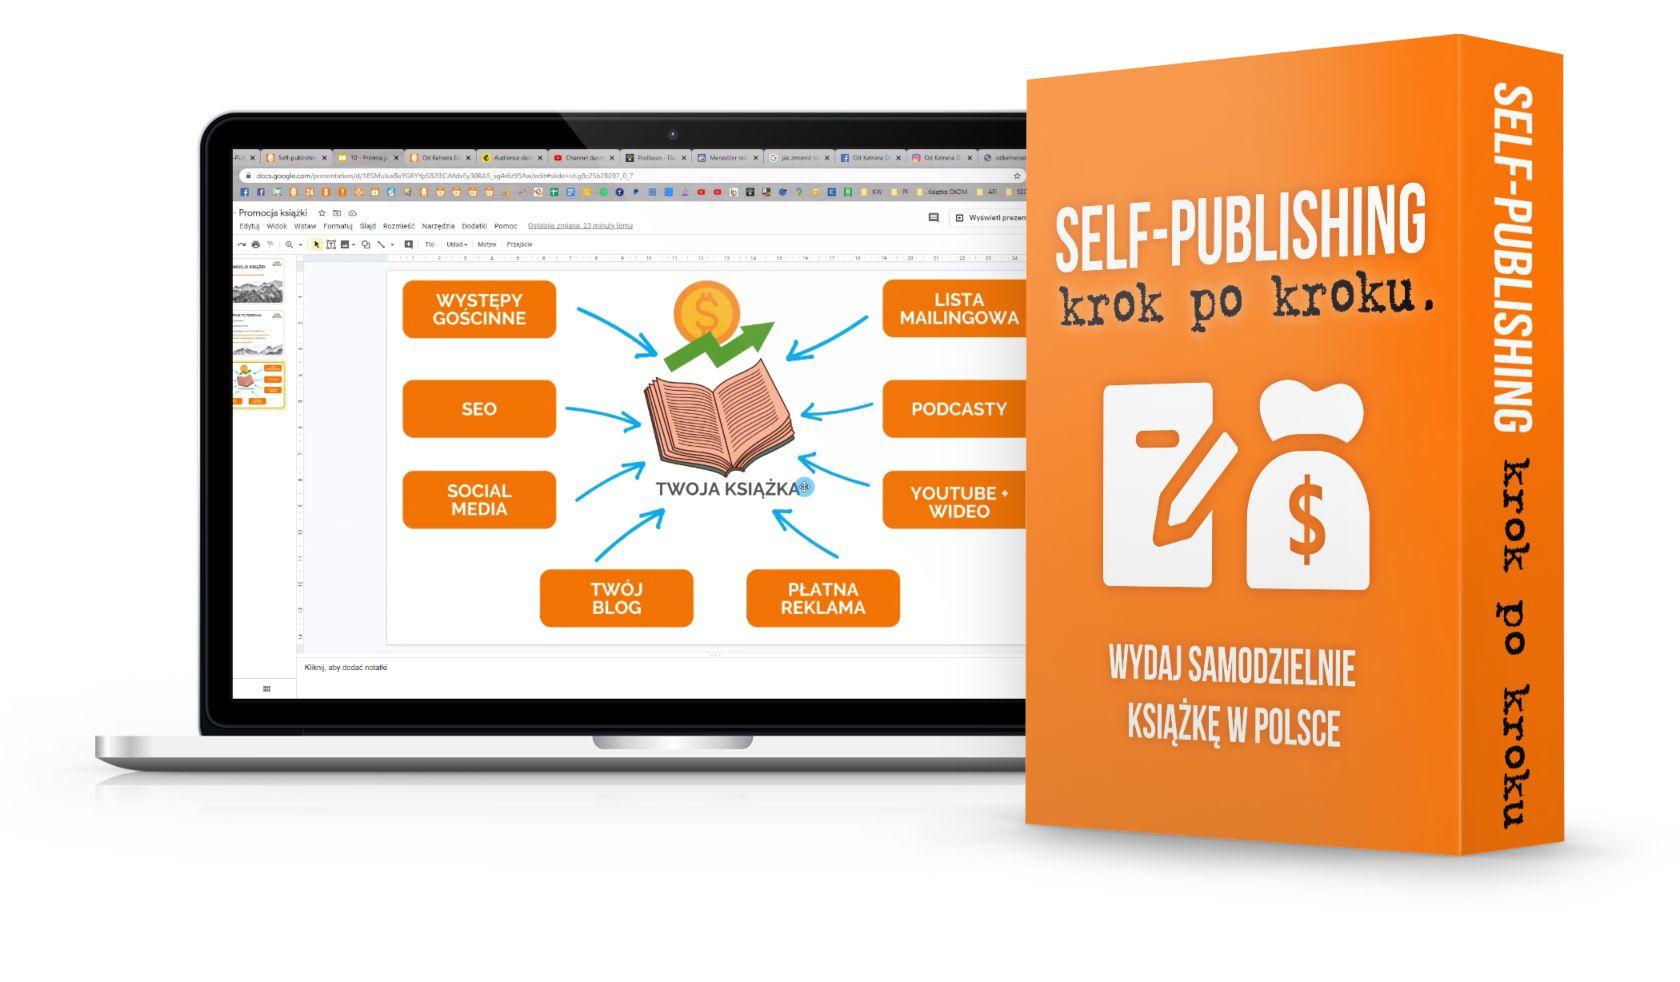 Kurs self-publishing krok po kroku